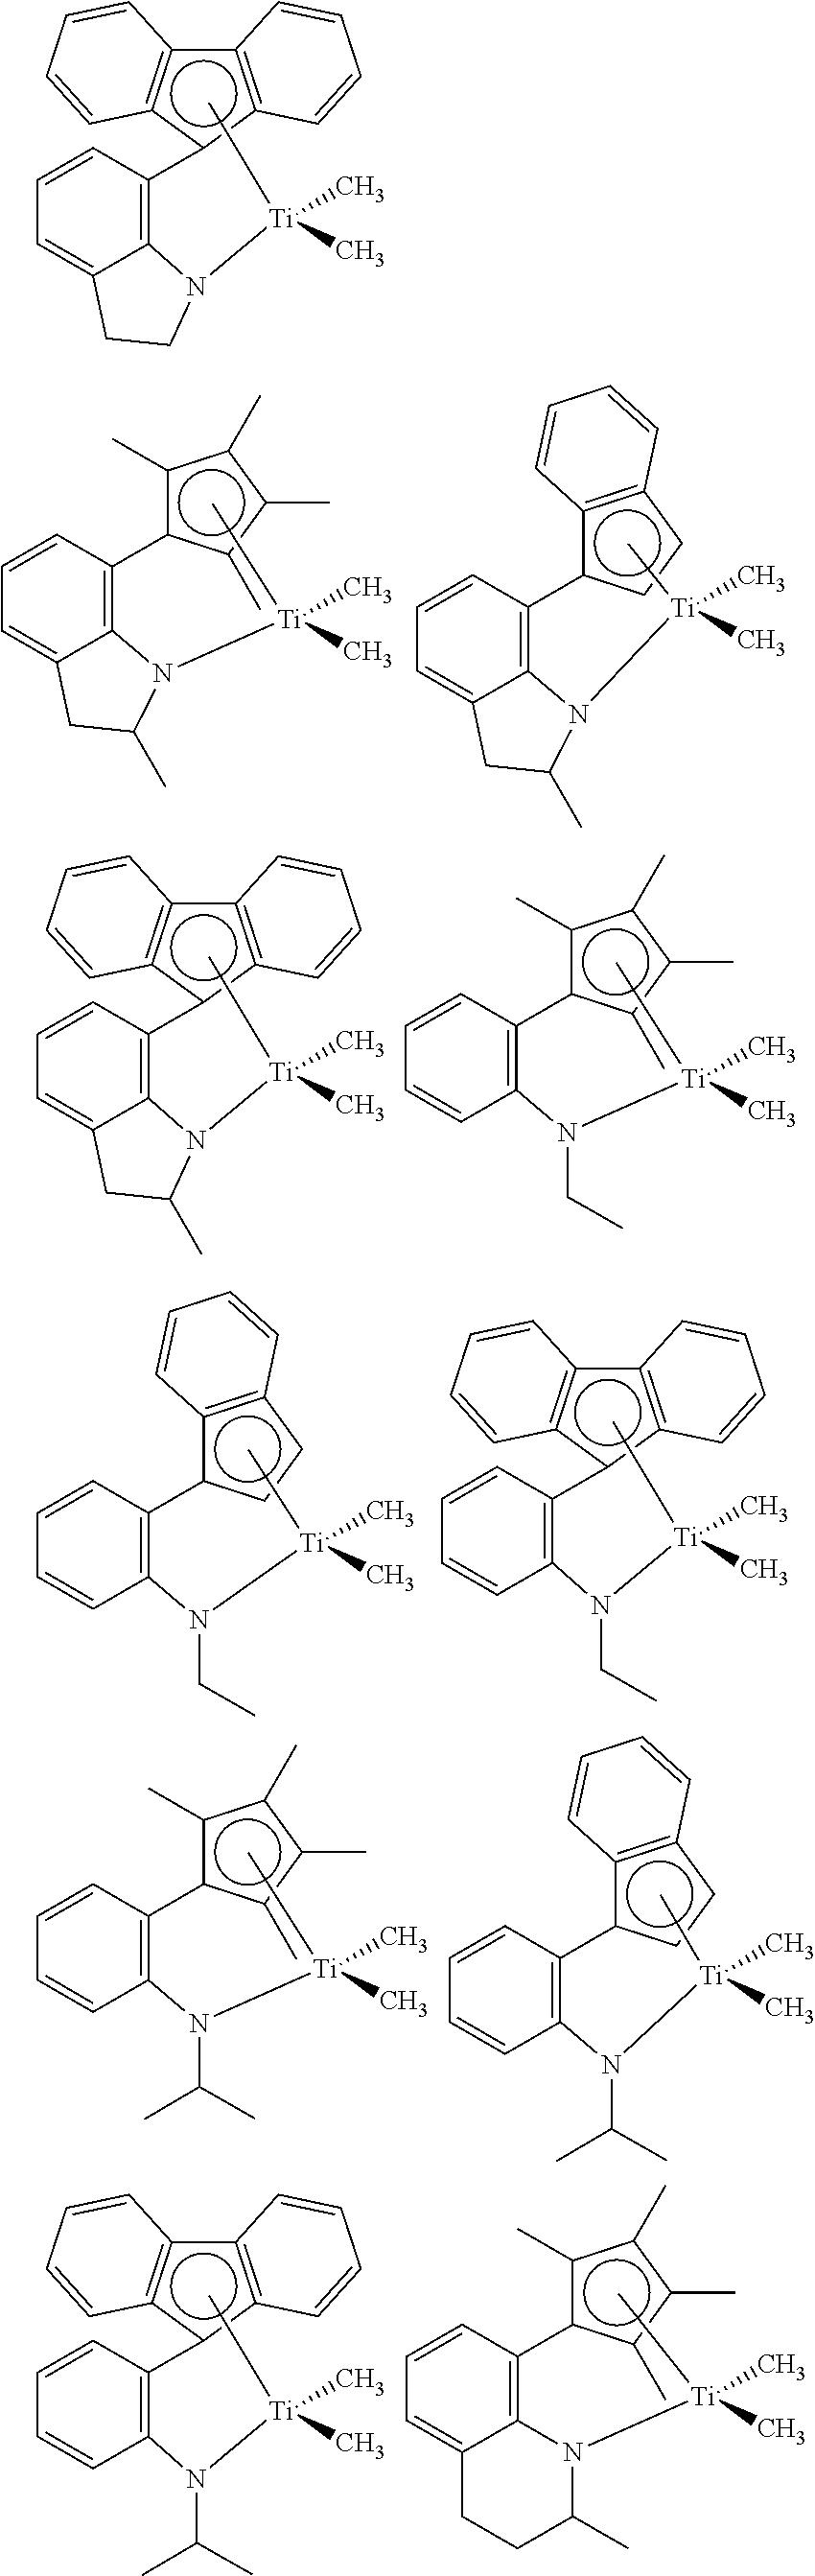 Figure US20110172451A1-20110714-C00026